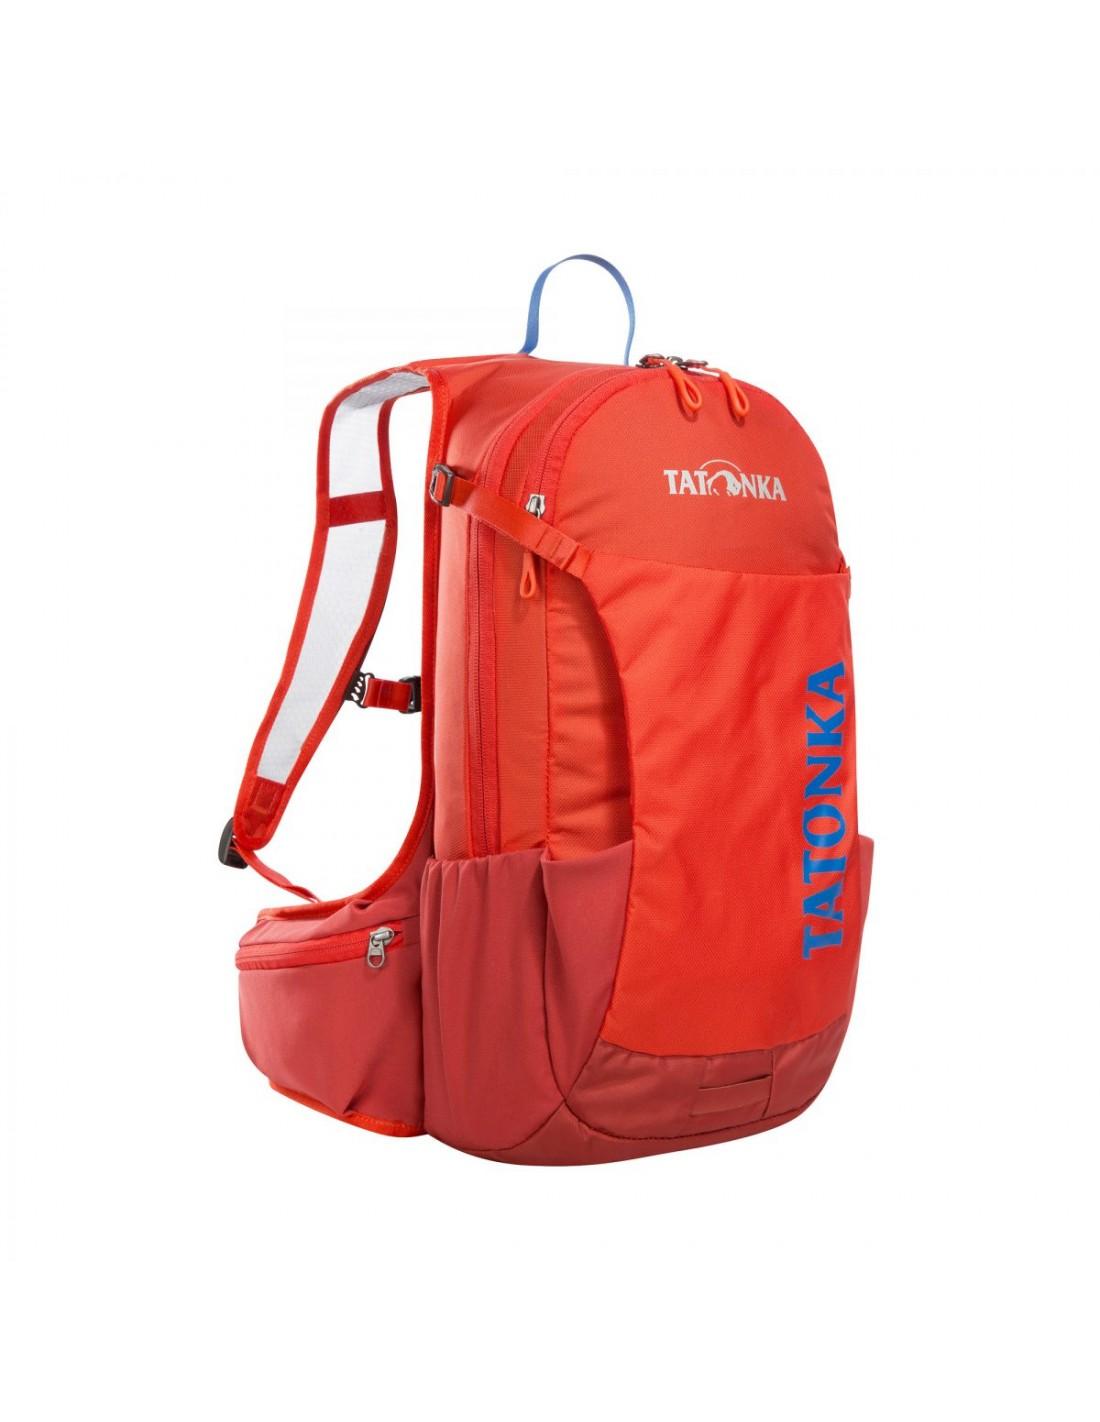 Tatonka Fahrradrucksack Baix 12, red orange Rucksackvolumen - 11 - 15 Liter günstig online kaufen